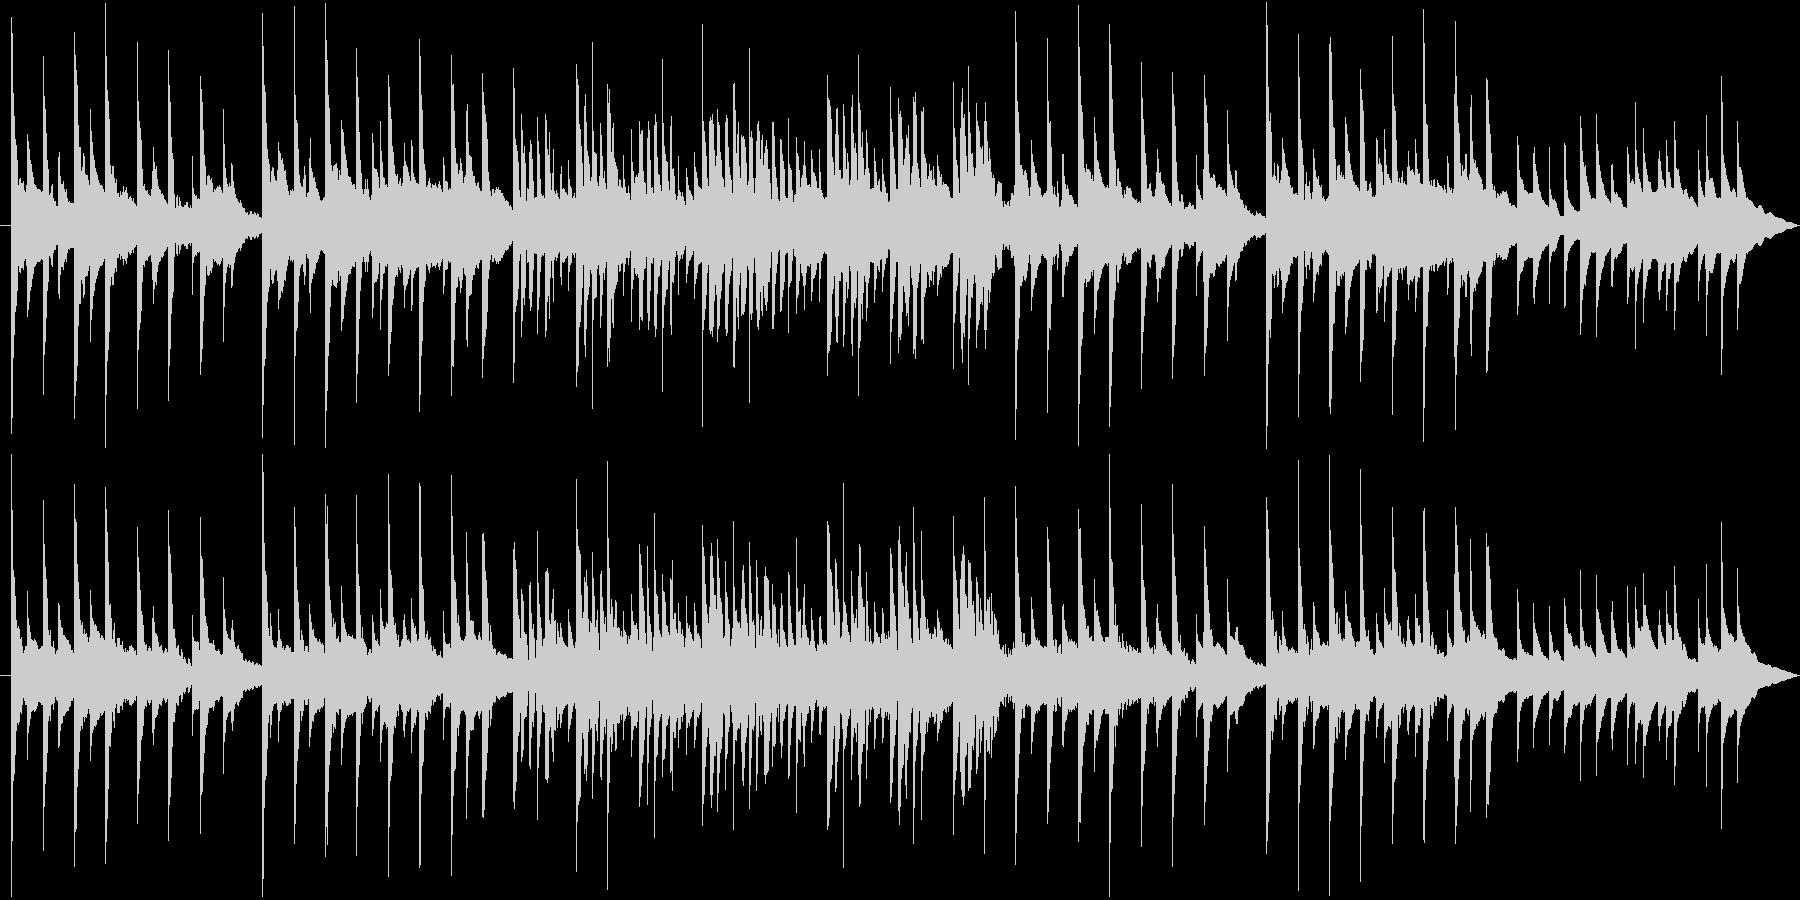 優しい子守唄のようなベルサウンドBGMの未再生の波形